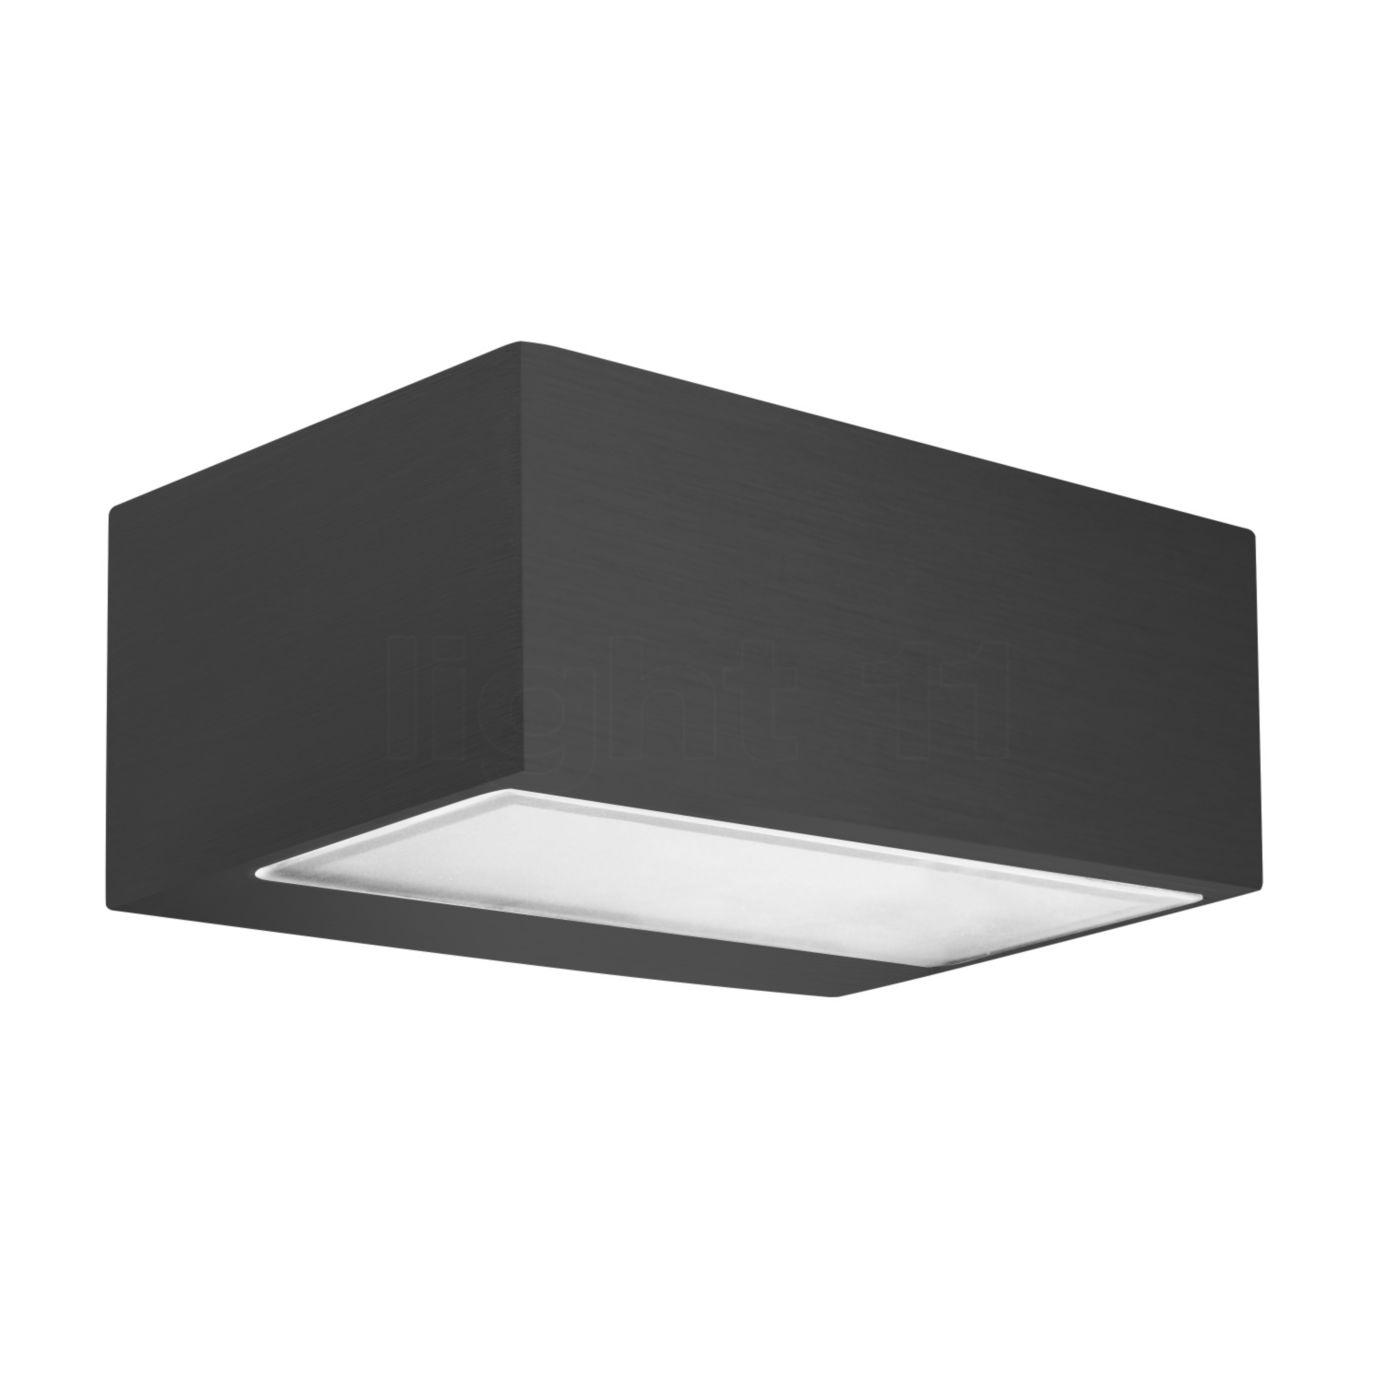 LEDS-C4 Nemesis Outdoor Wandlamp LED kopen bij light11.nl